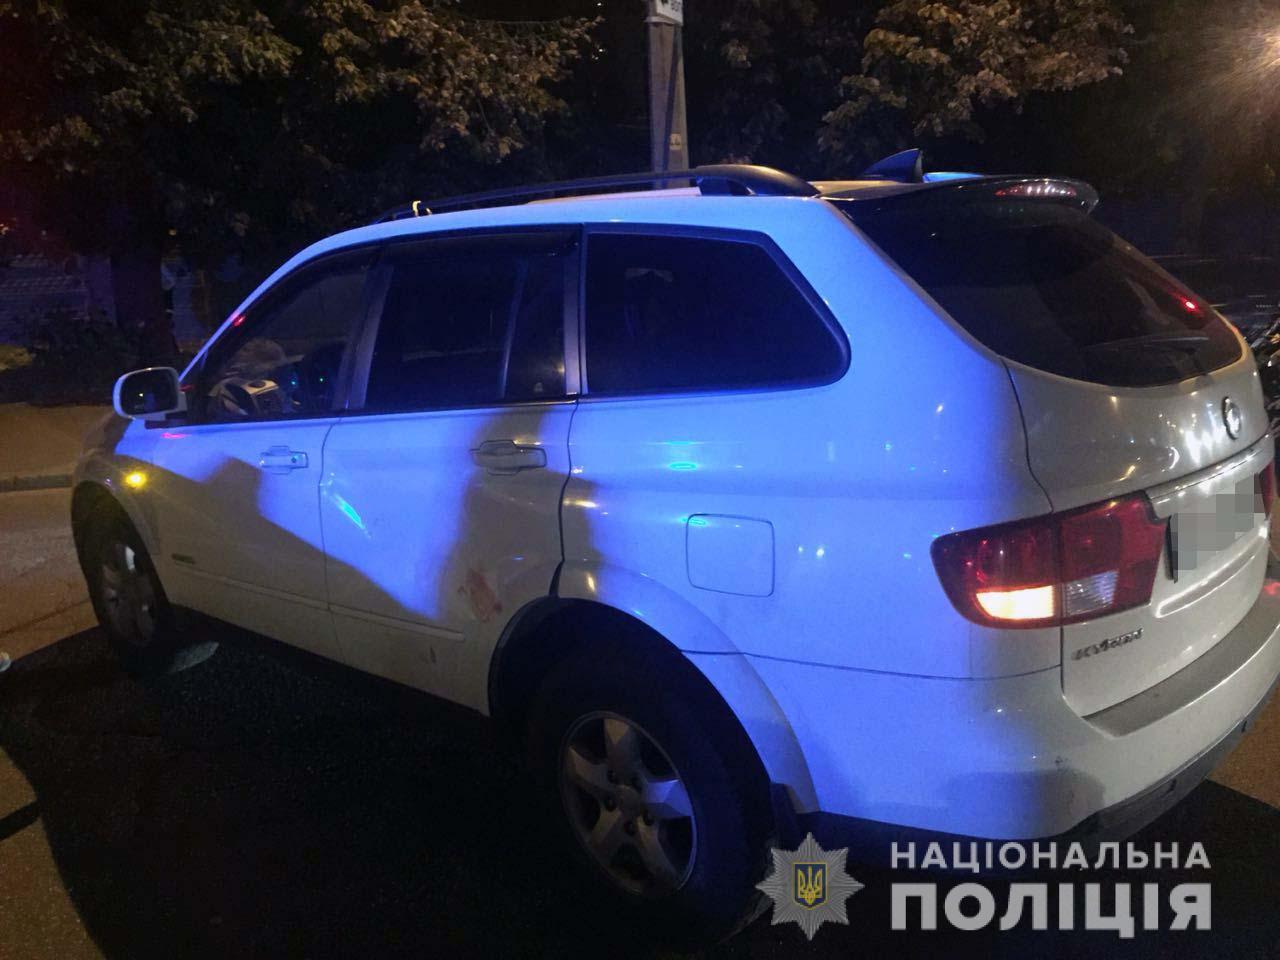 46-летняя женщина-водитель Ssang Yong не находилась в состоянии алкогольного опьянения